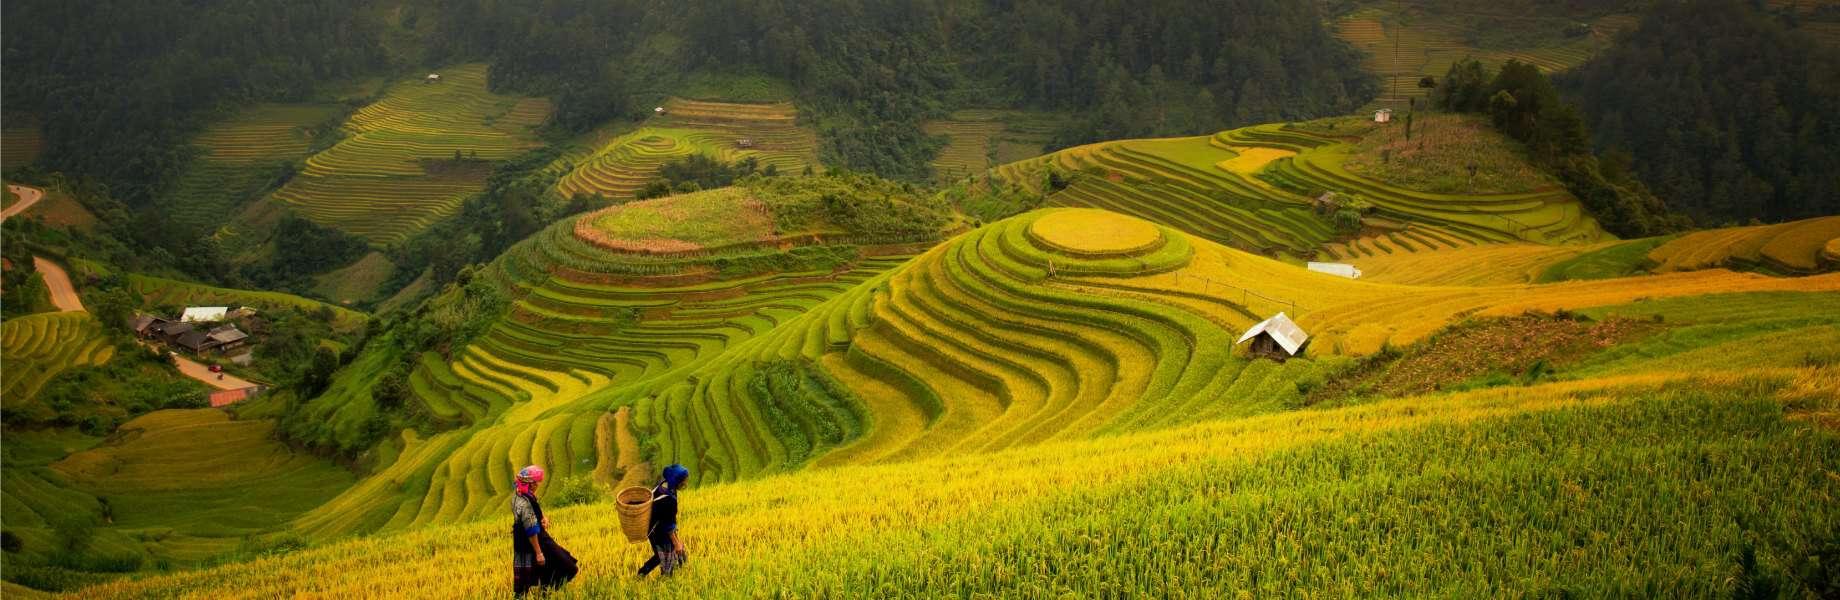 Discover Southeast Asia - Vietnam